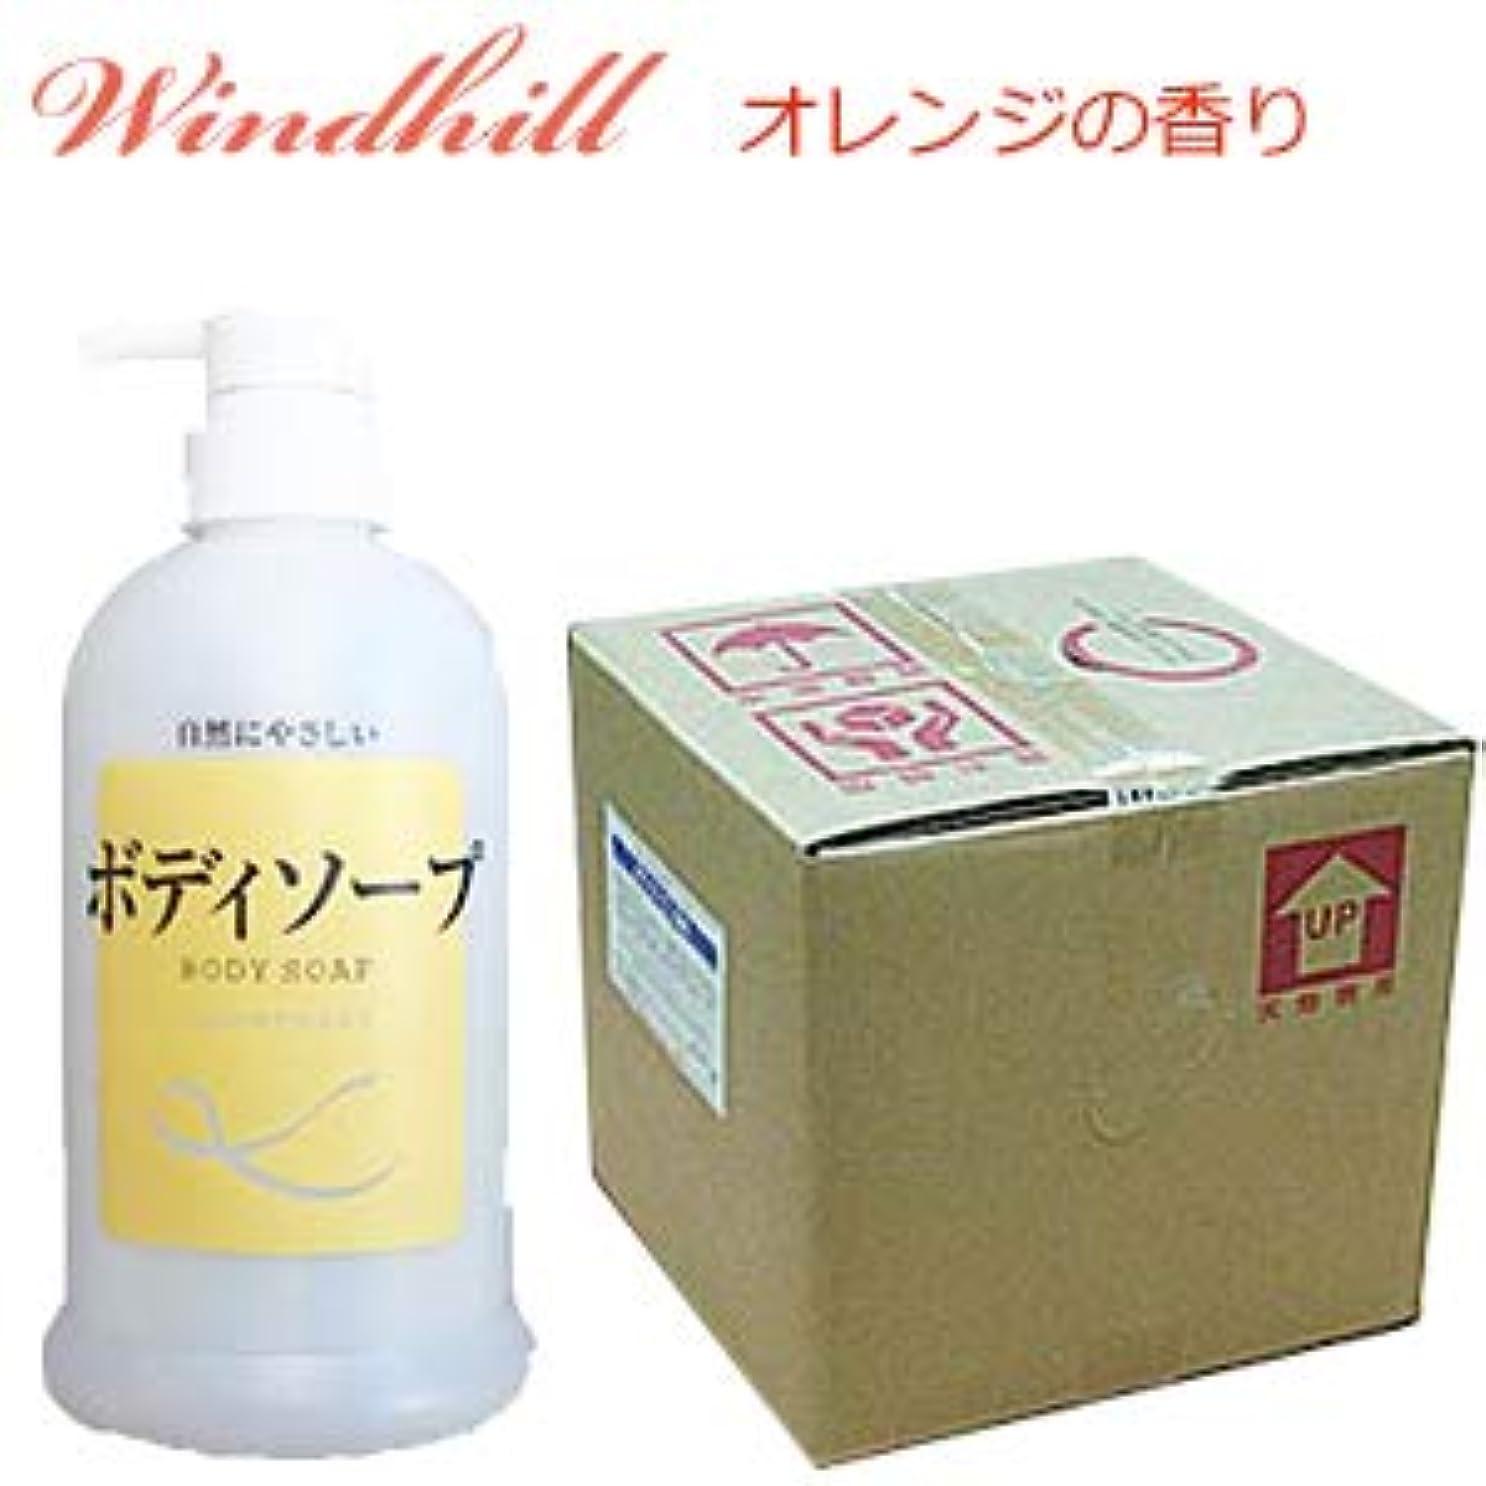 変化一致パーティーWindhill 植物性 業務用ボディソープオレンジの香り 20L(1セット20L入)